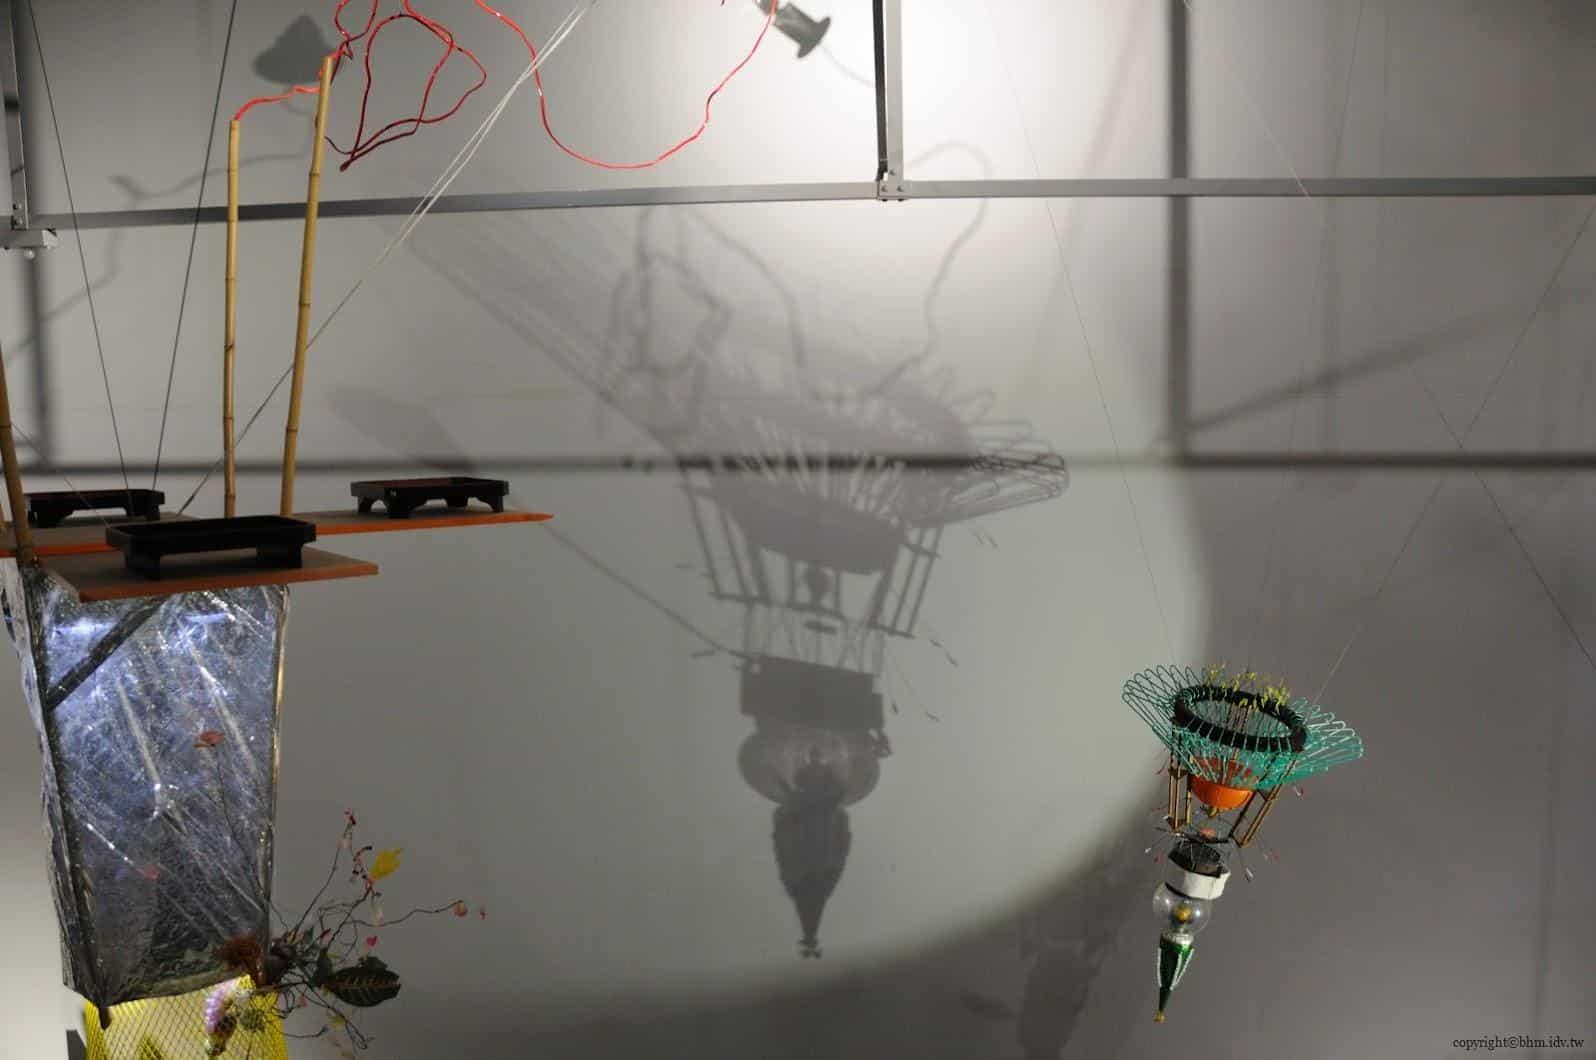 原廣司+ATELIER建築研究所,越後妻有里山現代美術館,使用當地各種回收素材做成的人造衛星,瑞士藝術家Gerda Steiner & Jorg Lenzlinger(ゲルダ・シュタイナー&ヨルク・レンツリンガー)的作品《GHOST SATELLITES》(ゴースト・サテライト) 越後妻有里山現代美術館 越後妻有里山現代美術館 echigo tsumari kouryukan echigo tsumari exchange center 21